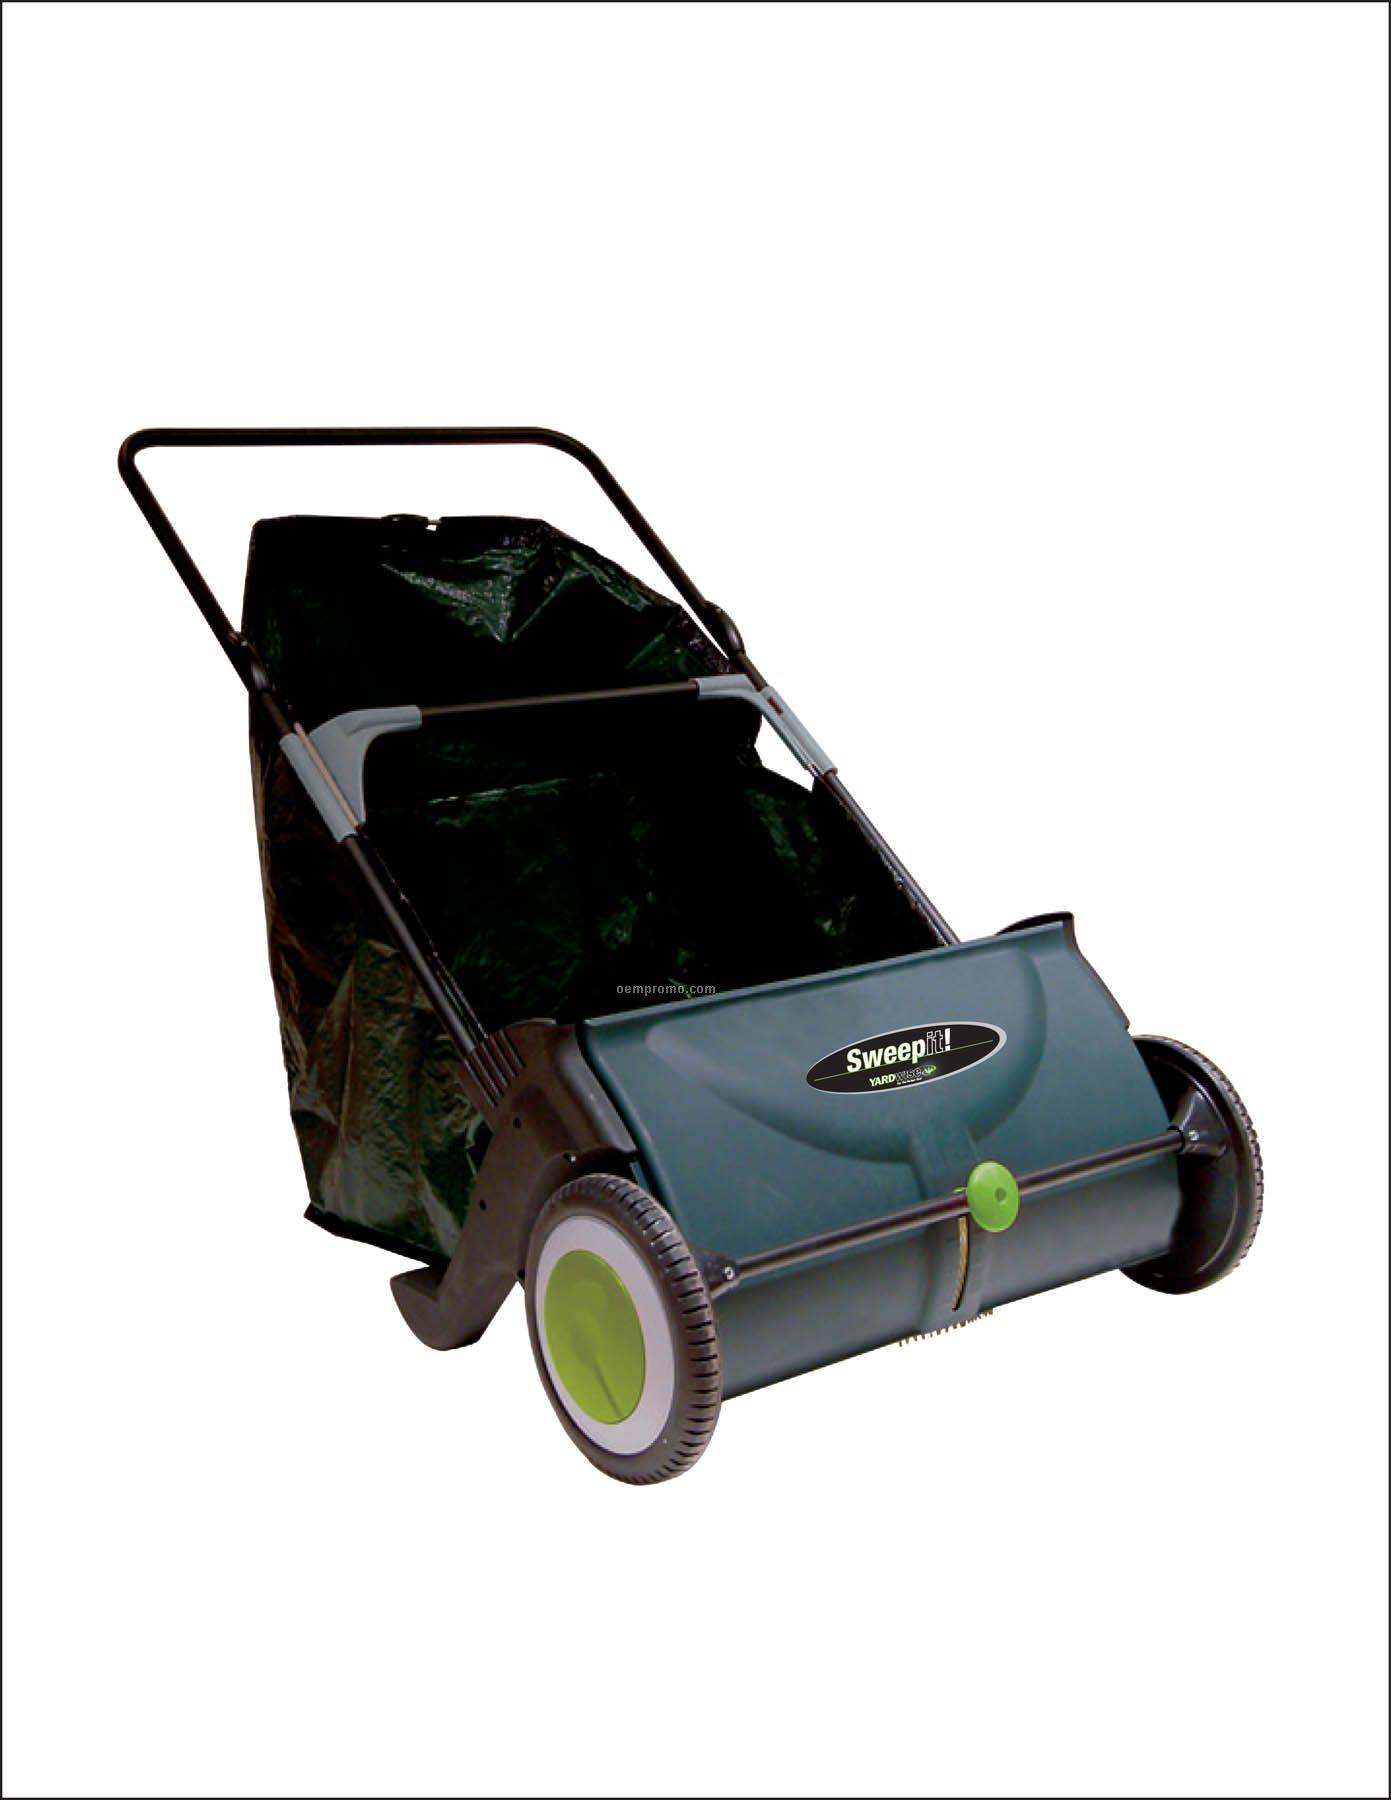 """Yardwise 25"""" Sweepit Lawn Sweeper W/30 Gal. Basket"""